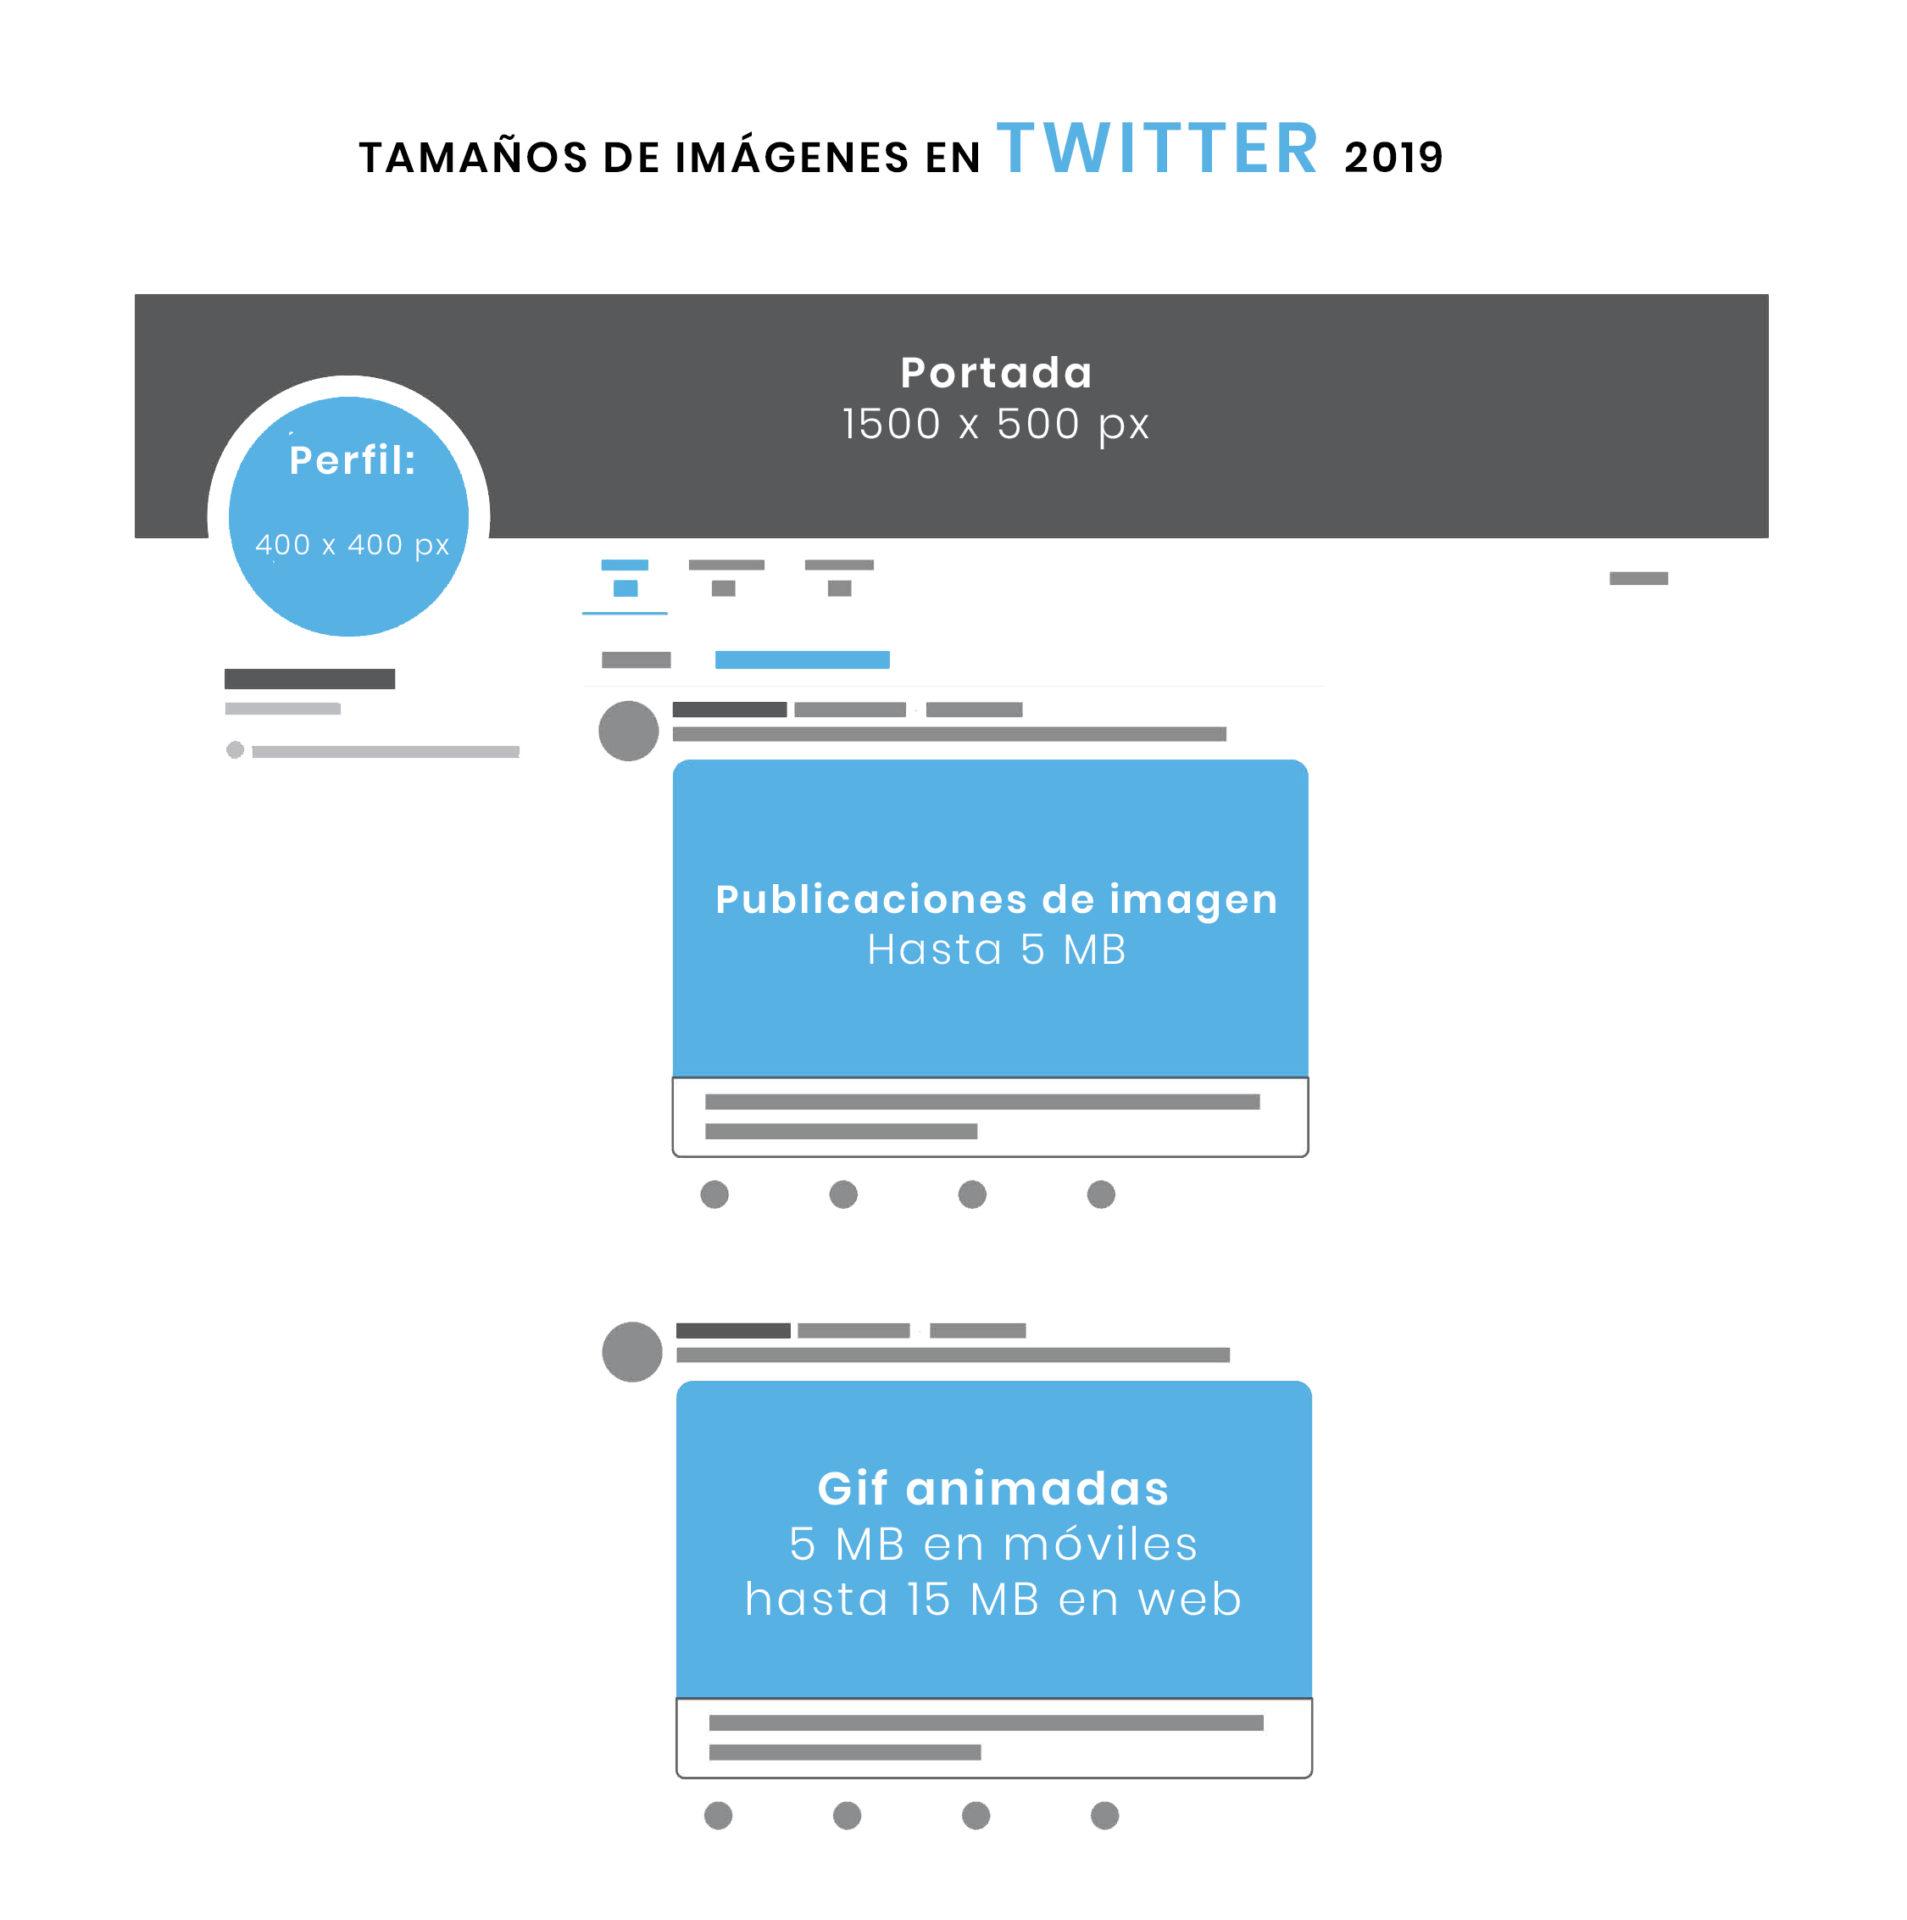 Tamaño de imagenes en Twitter 2019